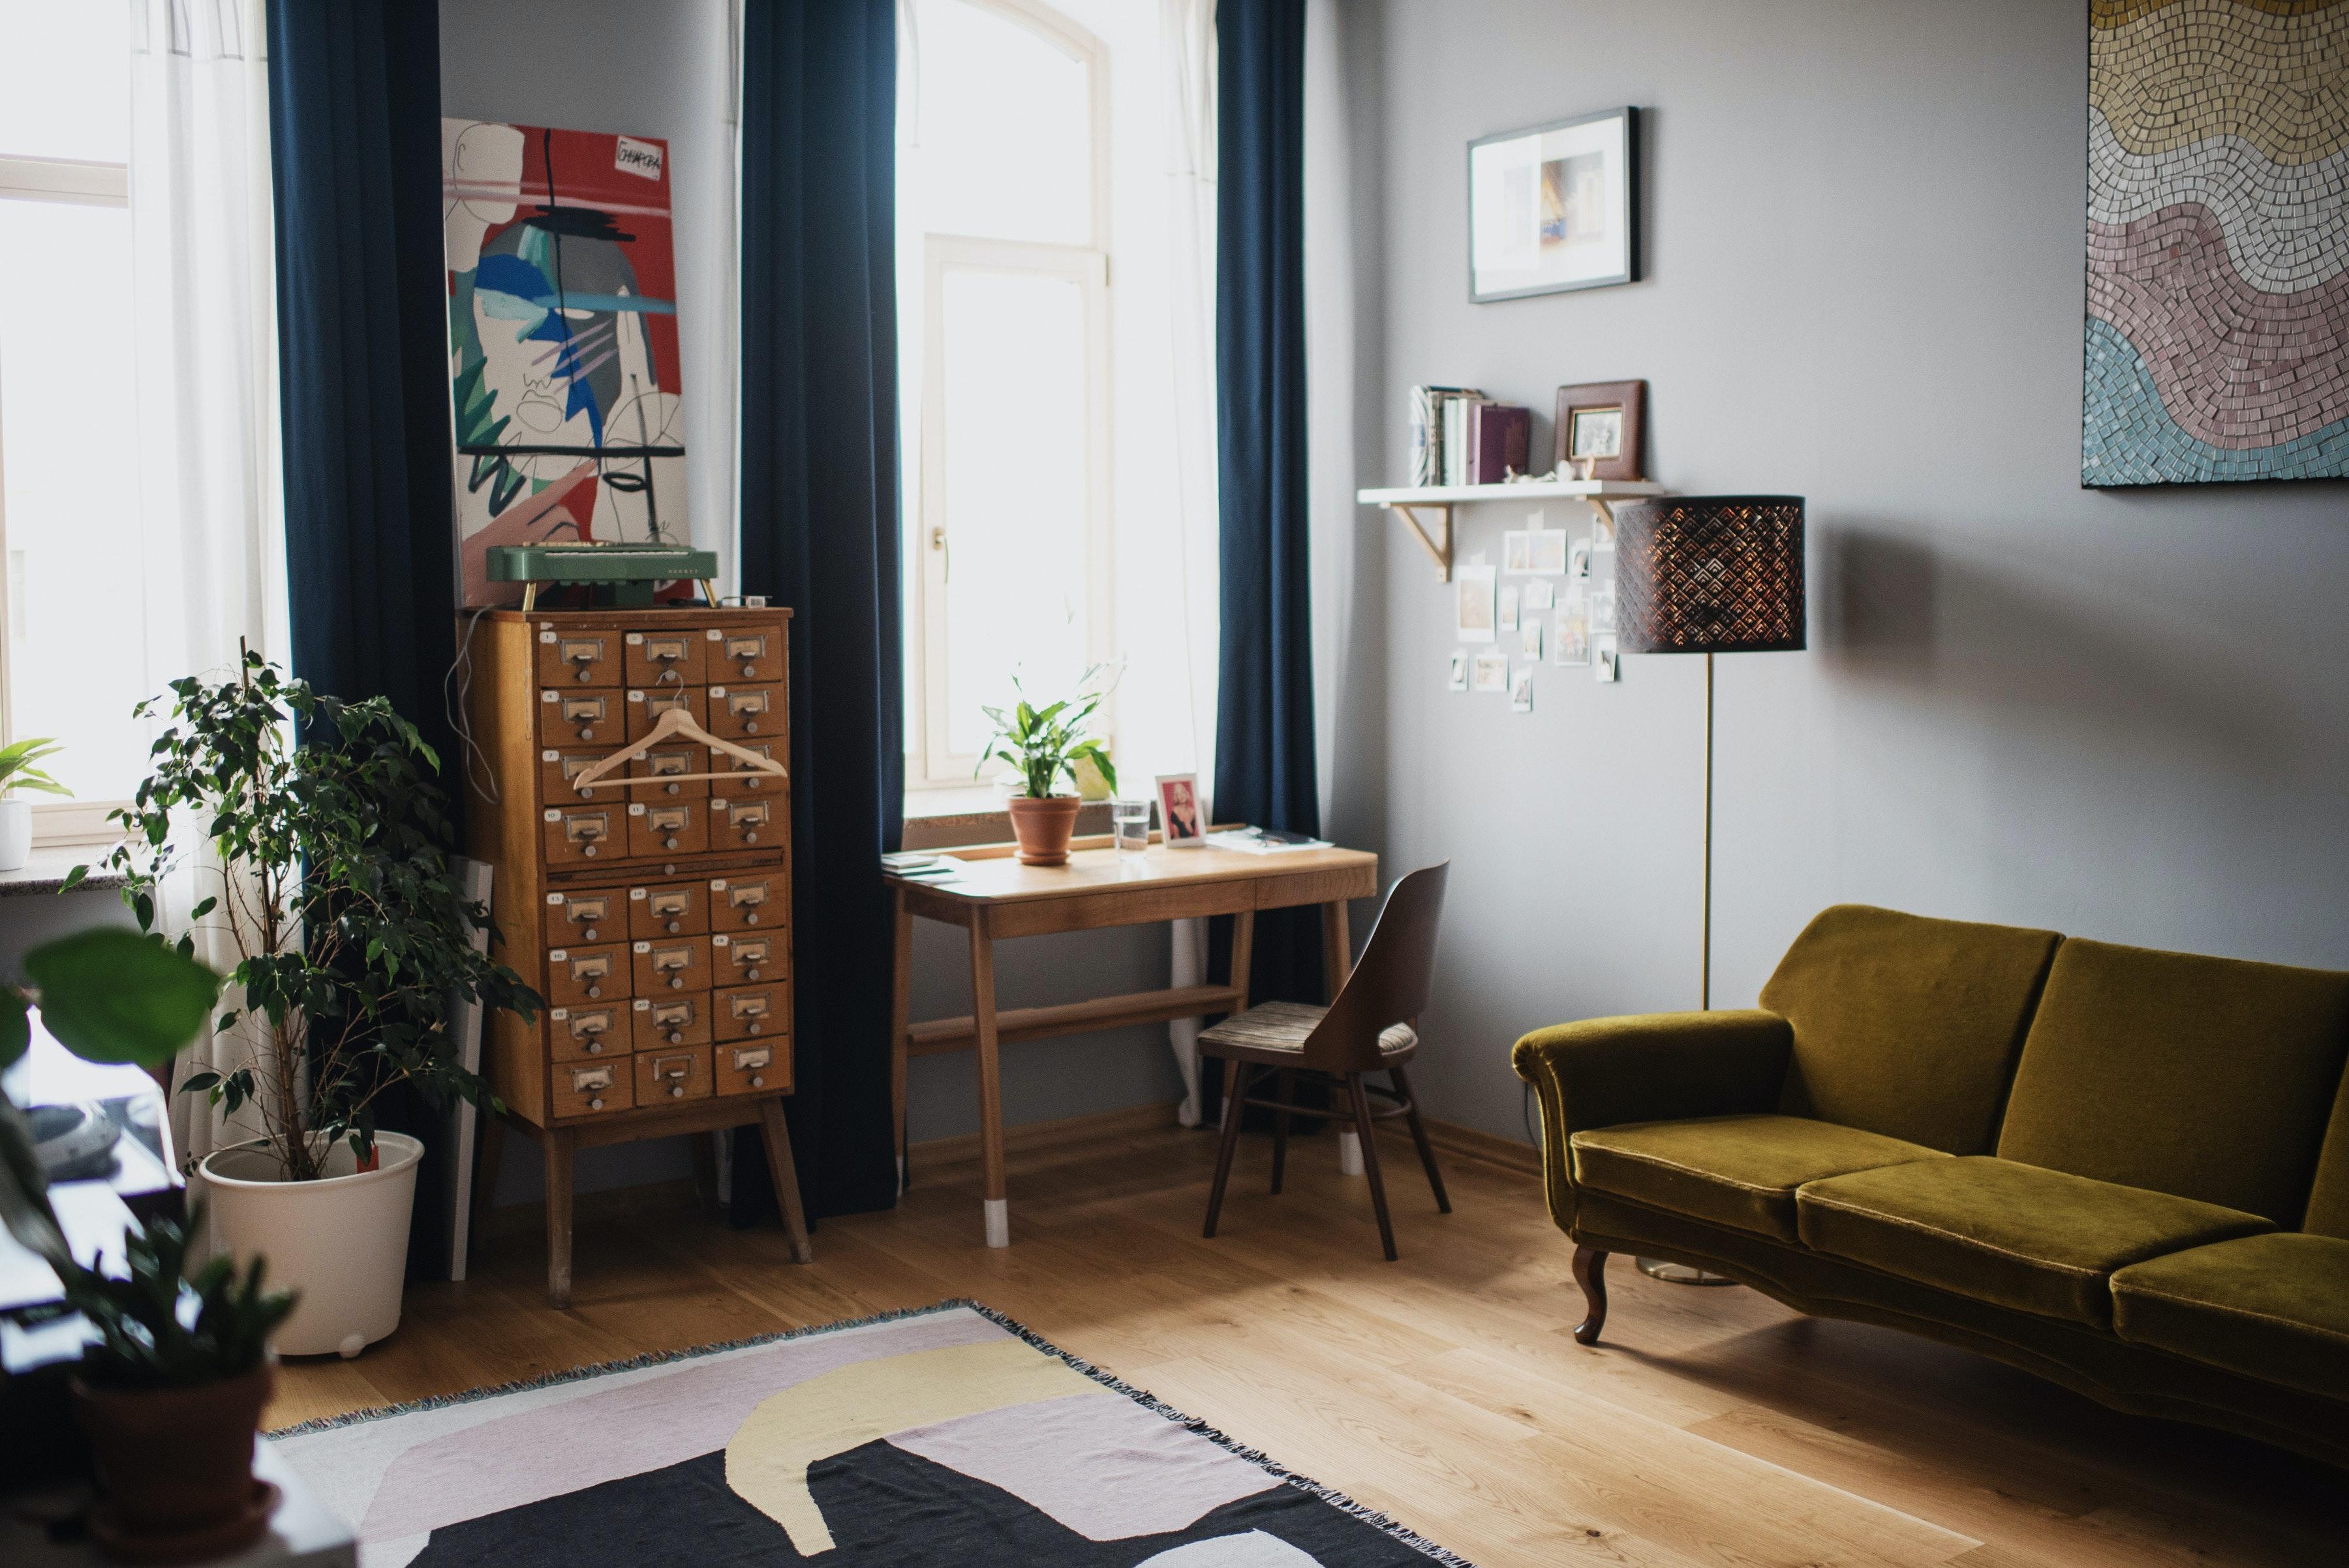 9 Tips Maksimalkan Pencahayaan Alami di Rumah, Lebih Hemat Listrik!